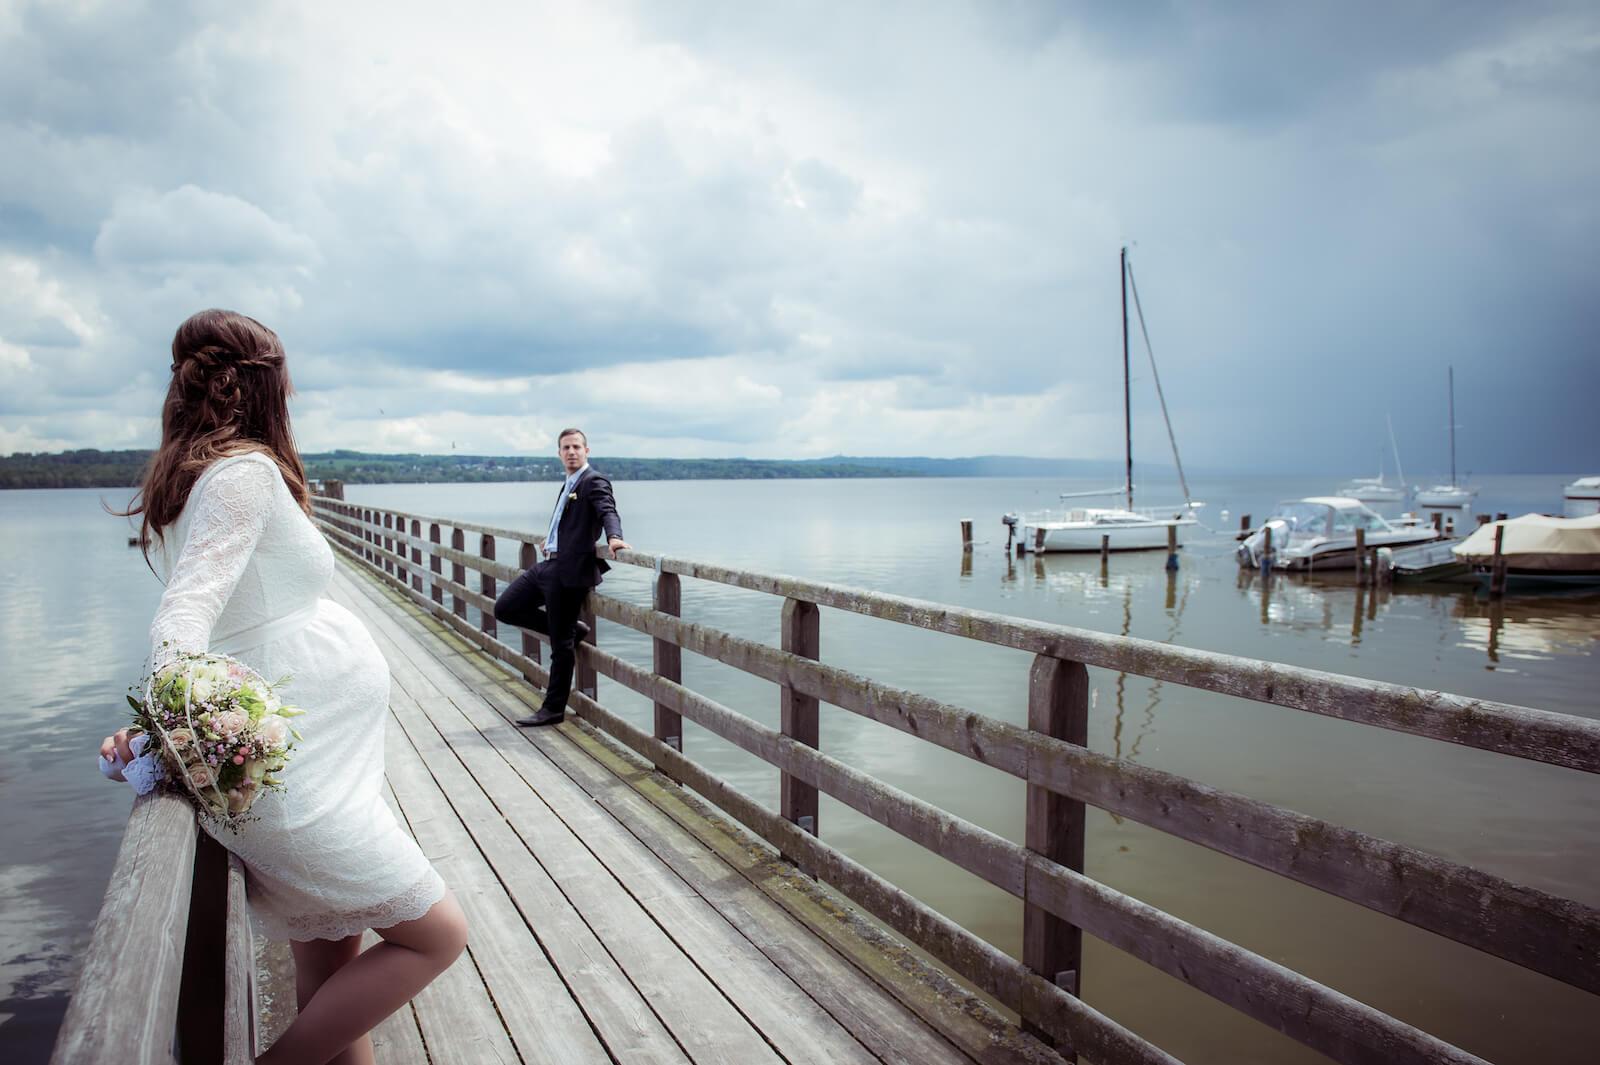 Hochzeit mit Babybauch - Hochzeitspaar auf dem Steg am Ammersee bei Gewitterstimmung